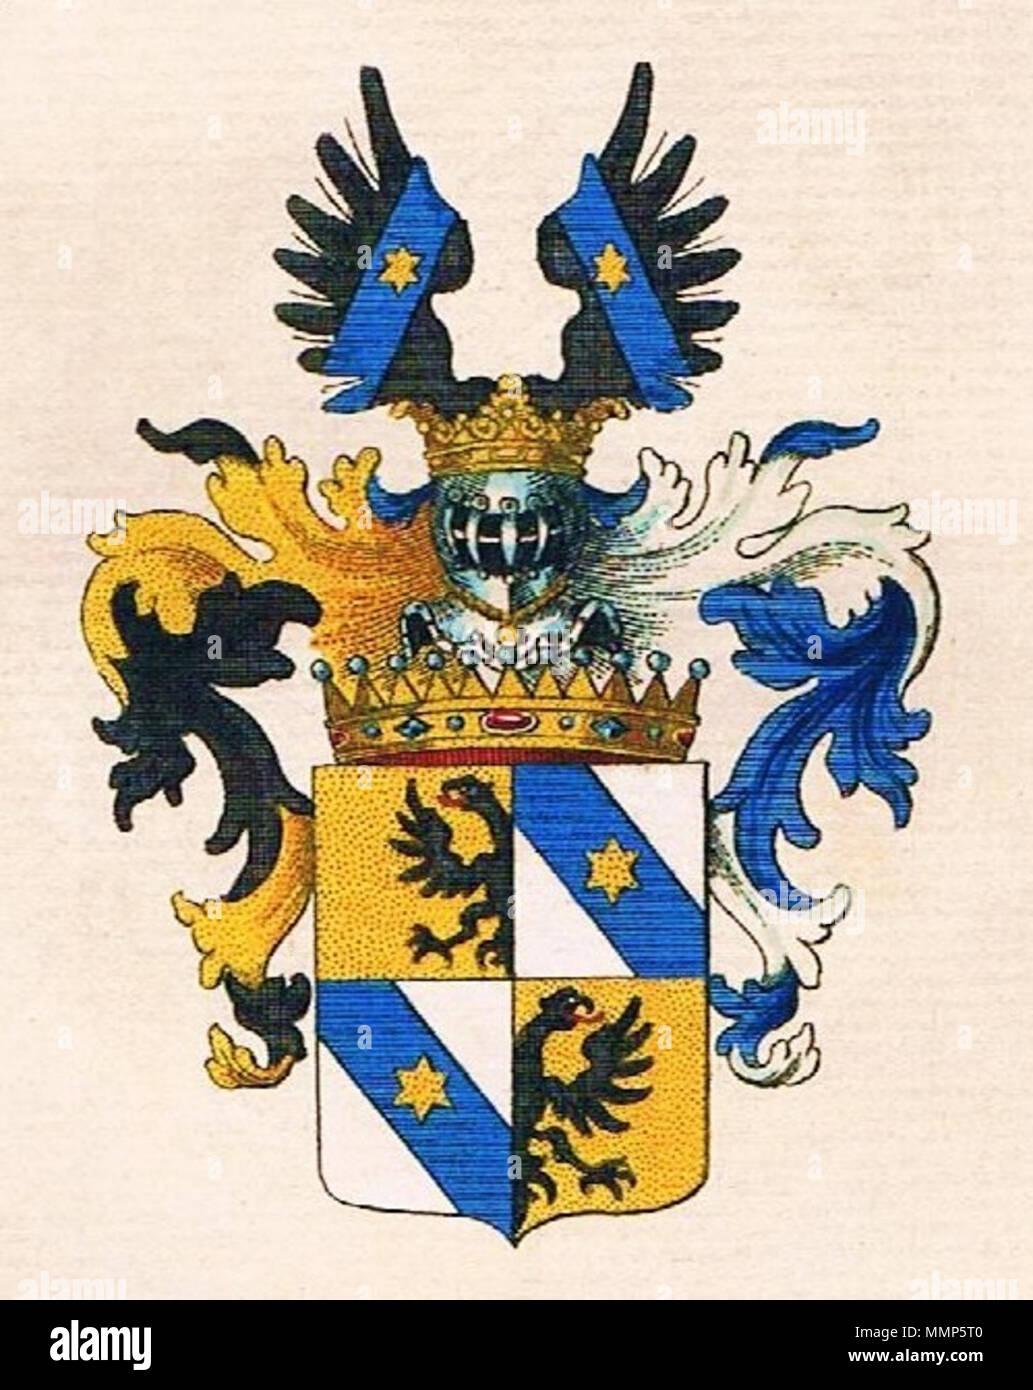 . Deutsch: Wappen der Grafen Alberti von Enno English: Coat of arms of Alberti von Enno (Counts) Alberti von Enno-Grafen-Wappen - Stock Image